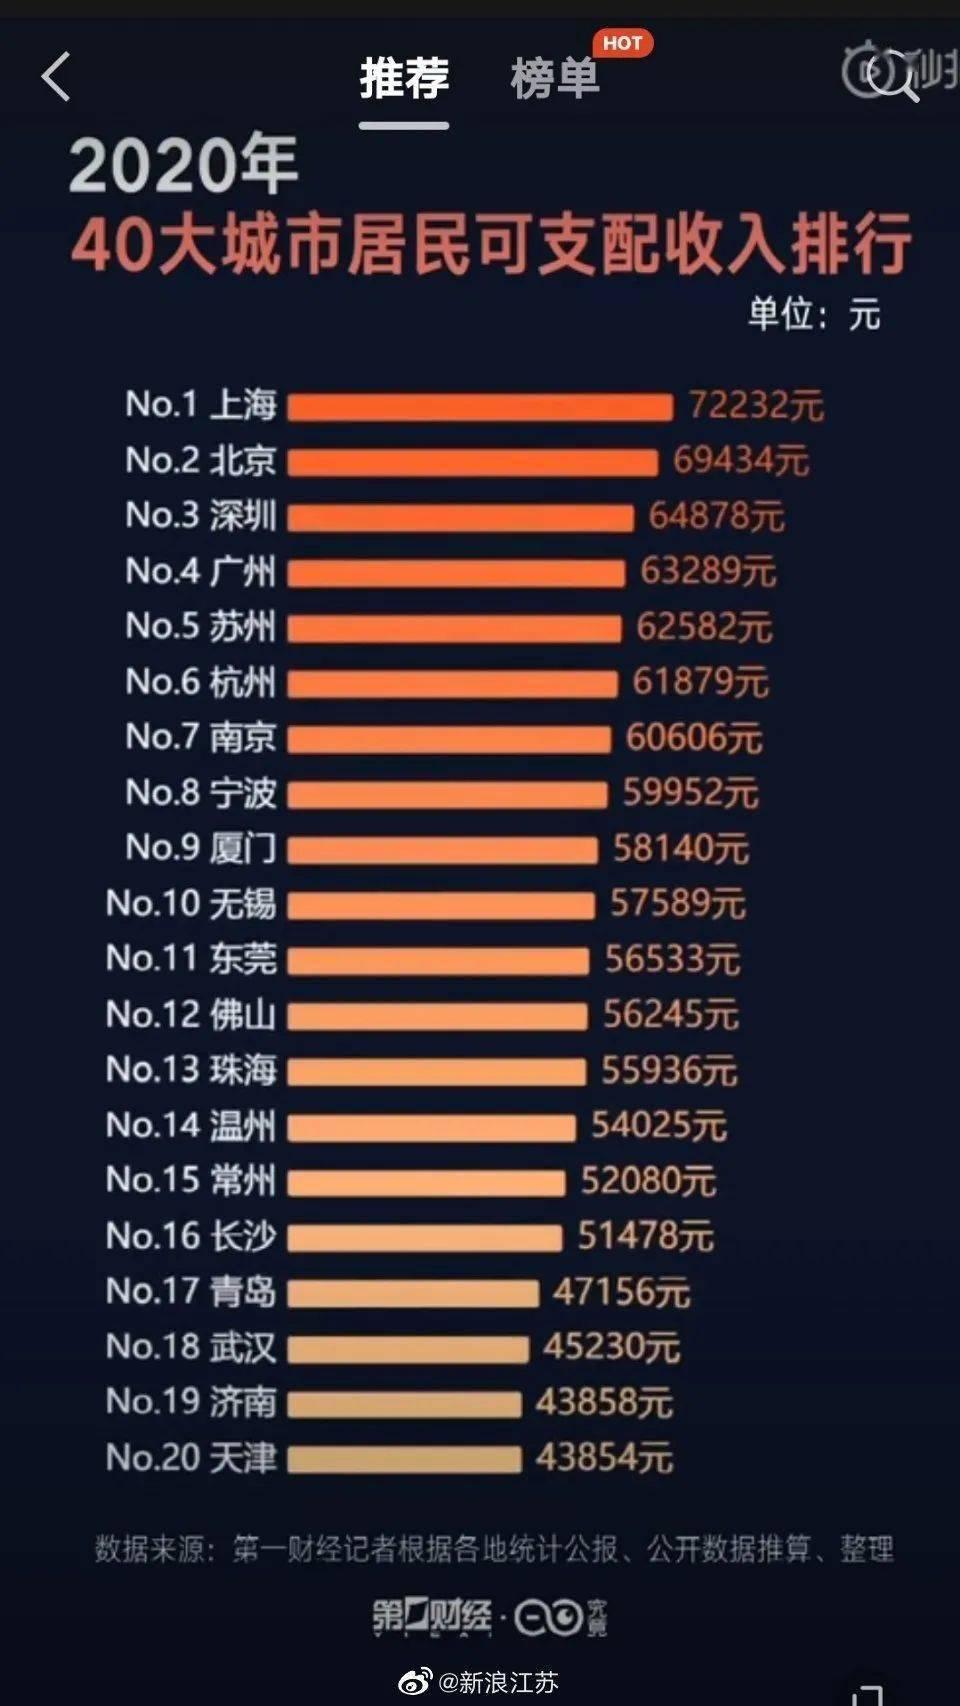 苏州人均可支配收入,第五!